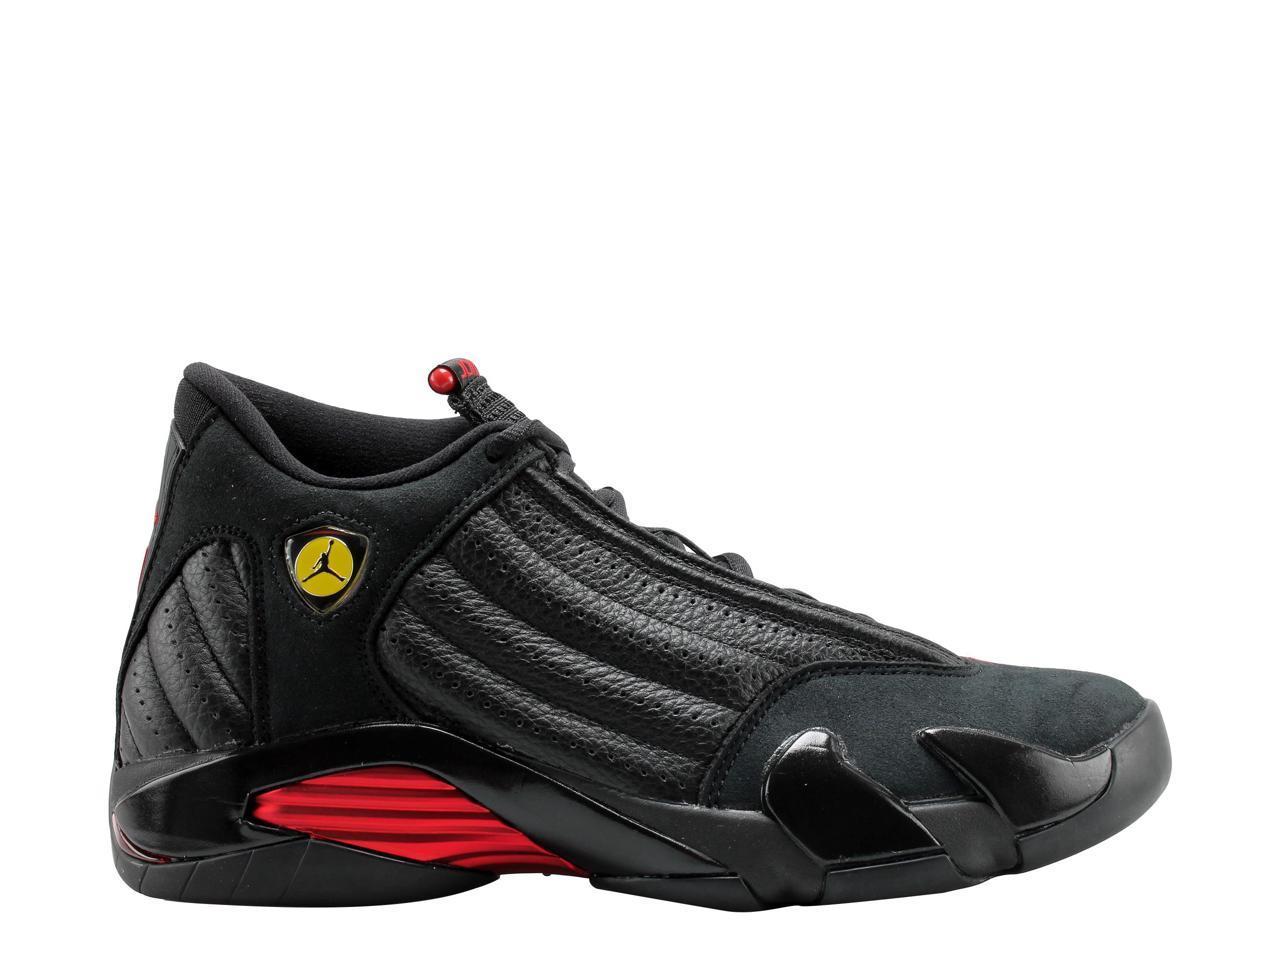 nike air jordanie 14 rétro noir & # 47; 47; # Rouge  Noir  men & # 39; s de basket - ball 487471-003 taille 9,5 c5a30b